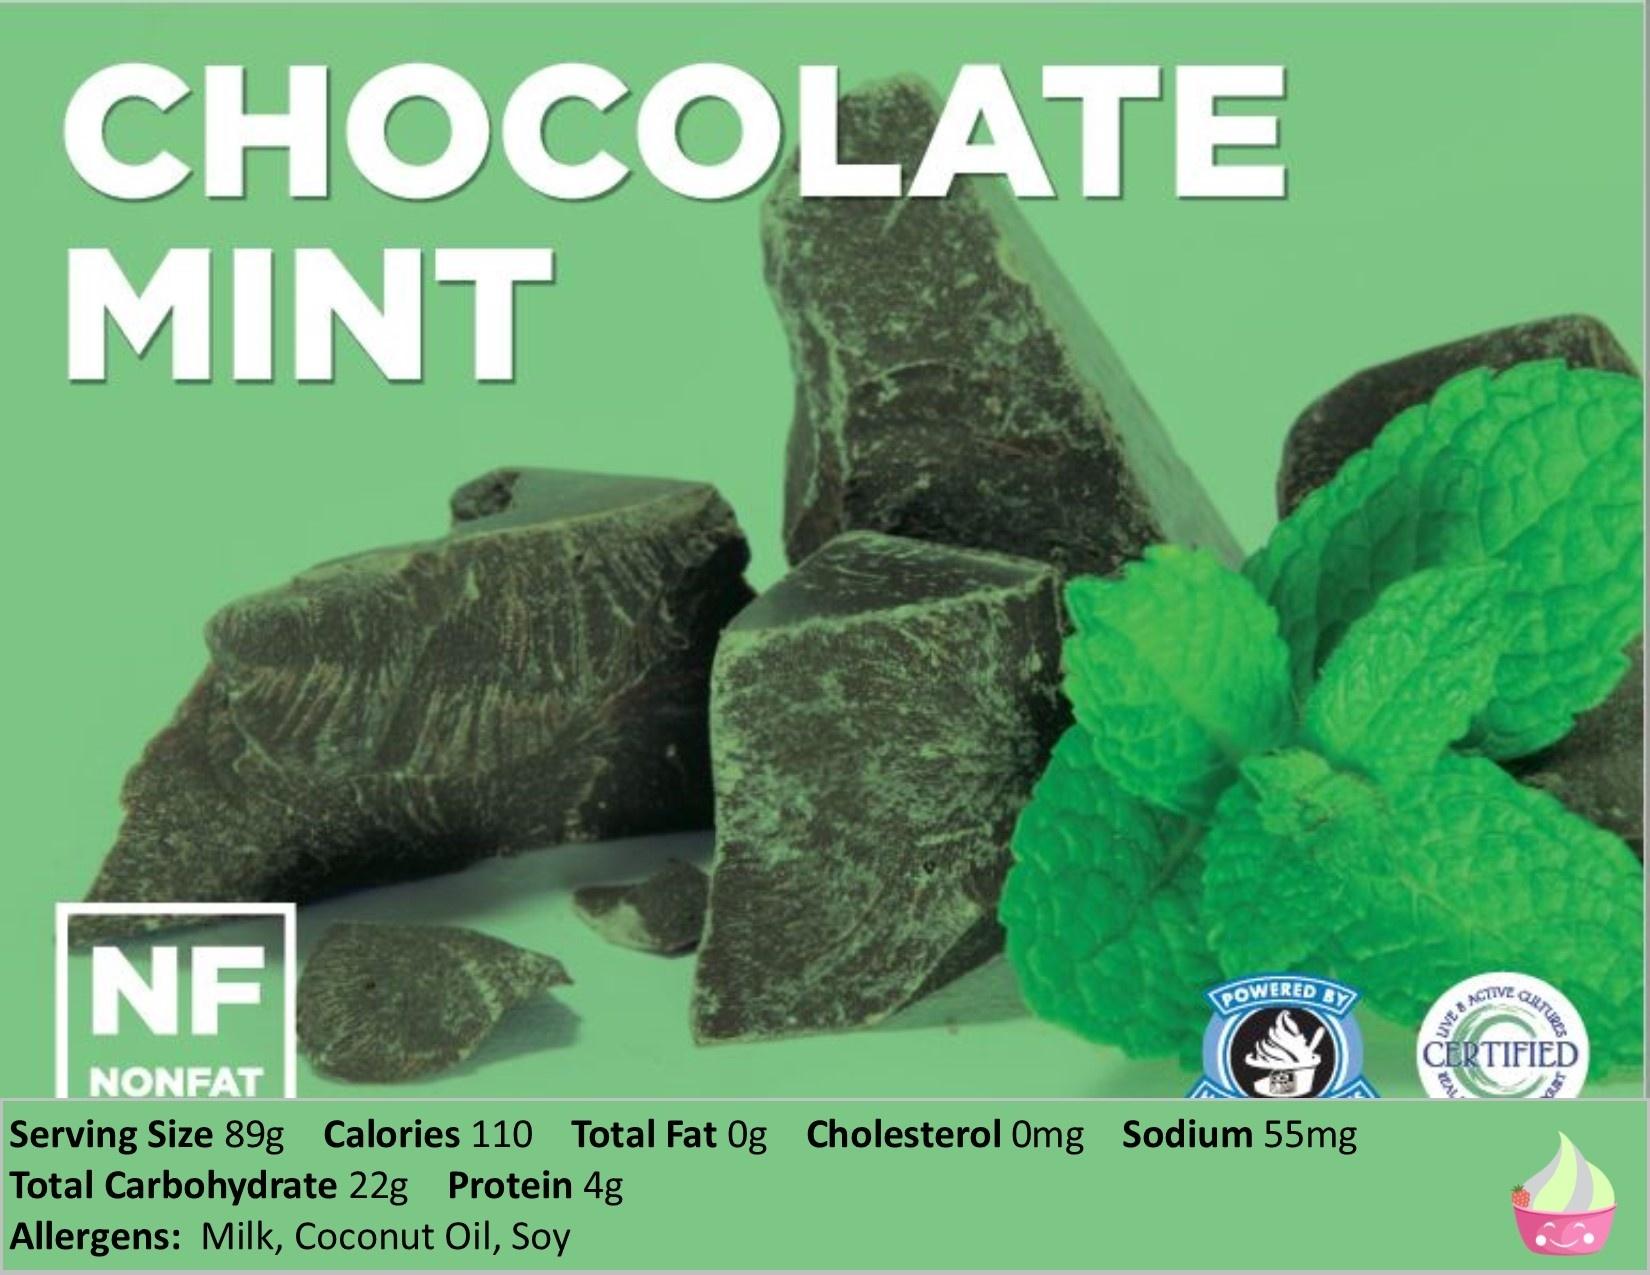 https://0201.nccdn.net/1_2/000/000/187/851/Chocolate-Mint-NF-1650x1275-1650x1275.jpg